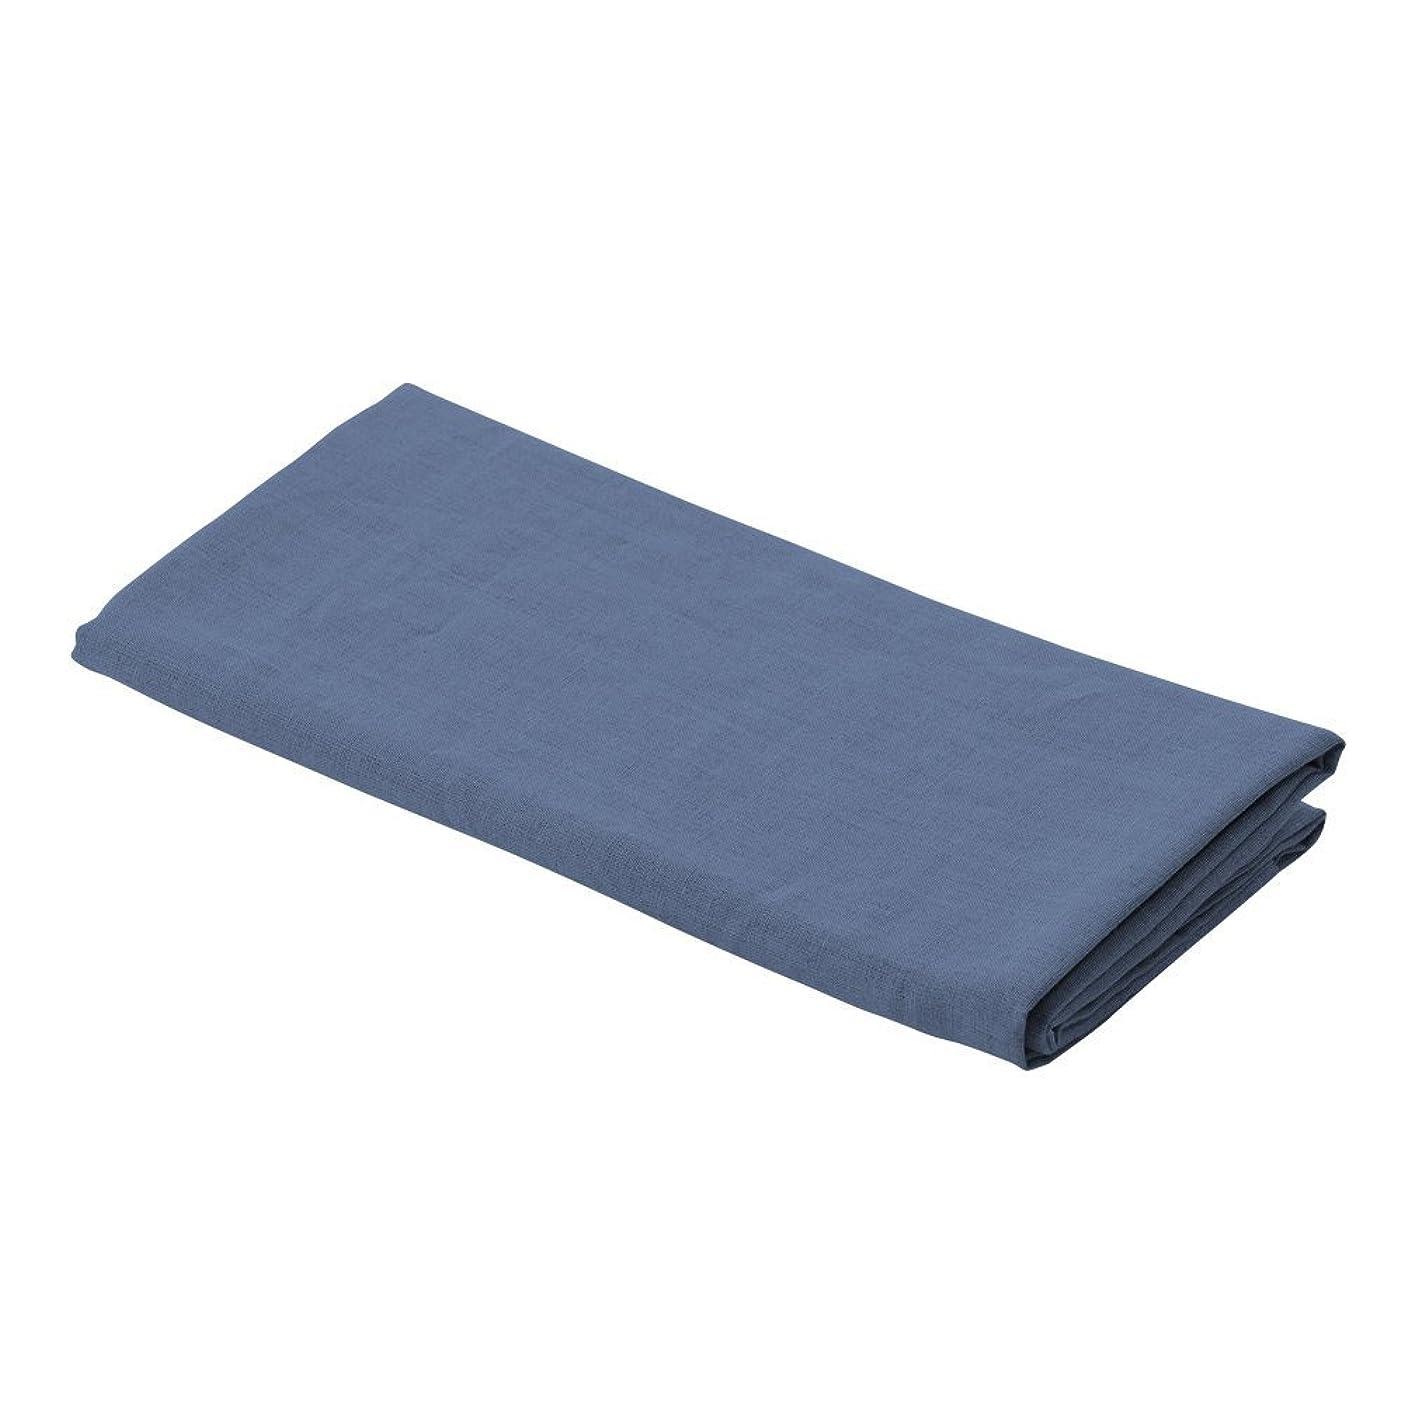 樫の木鎮静剤クラフトLa.chic ラシック 枕カバー フレンチリネン100% 日本製 Lサイズ 50×70 (ネイビー)